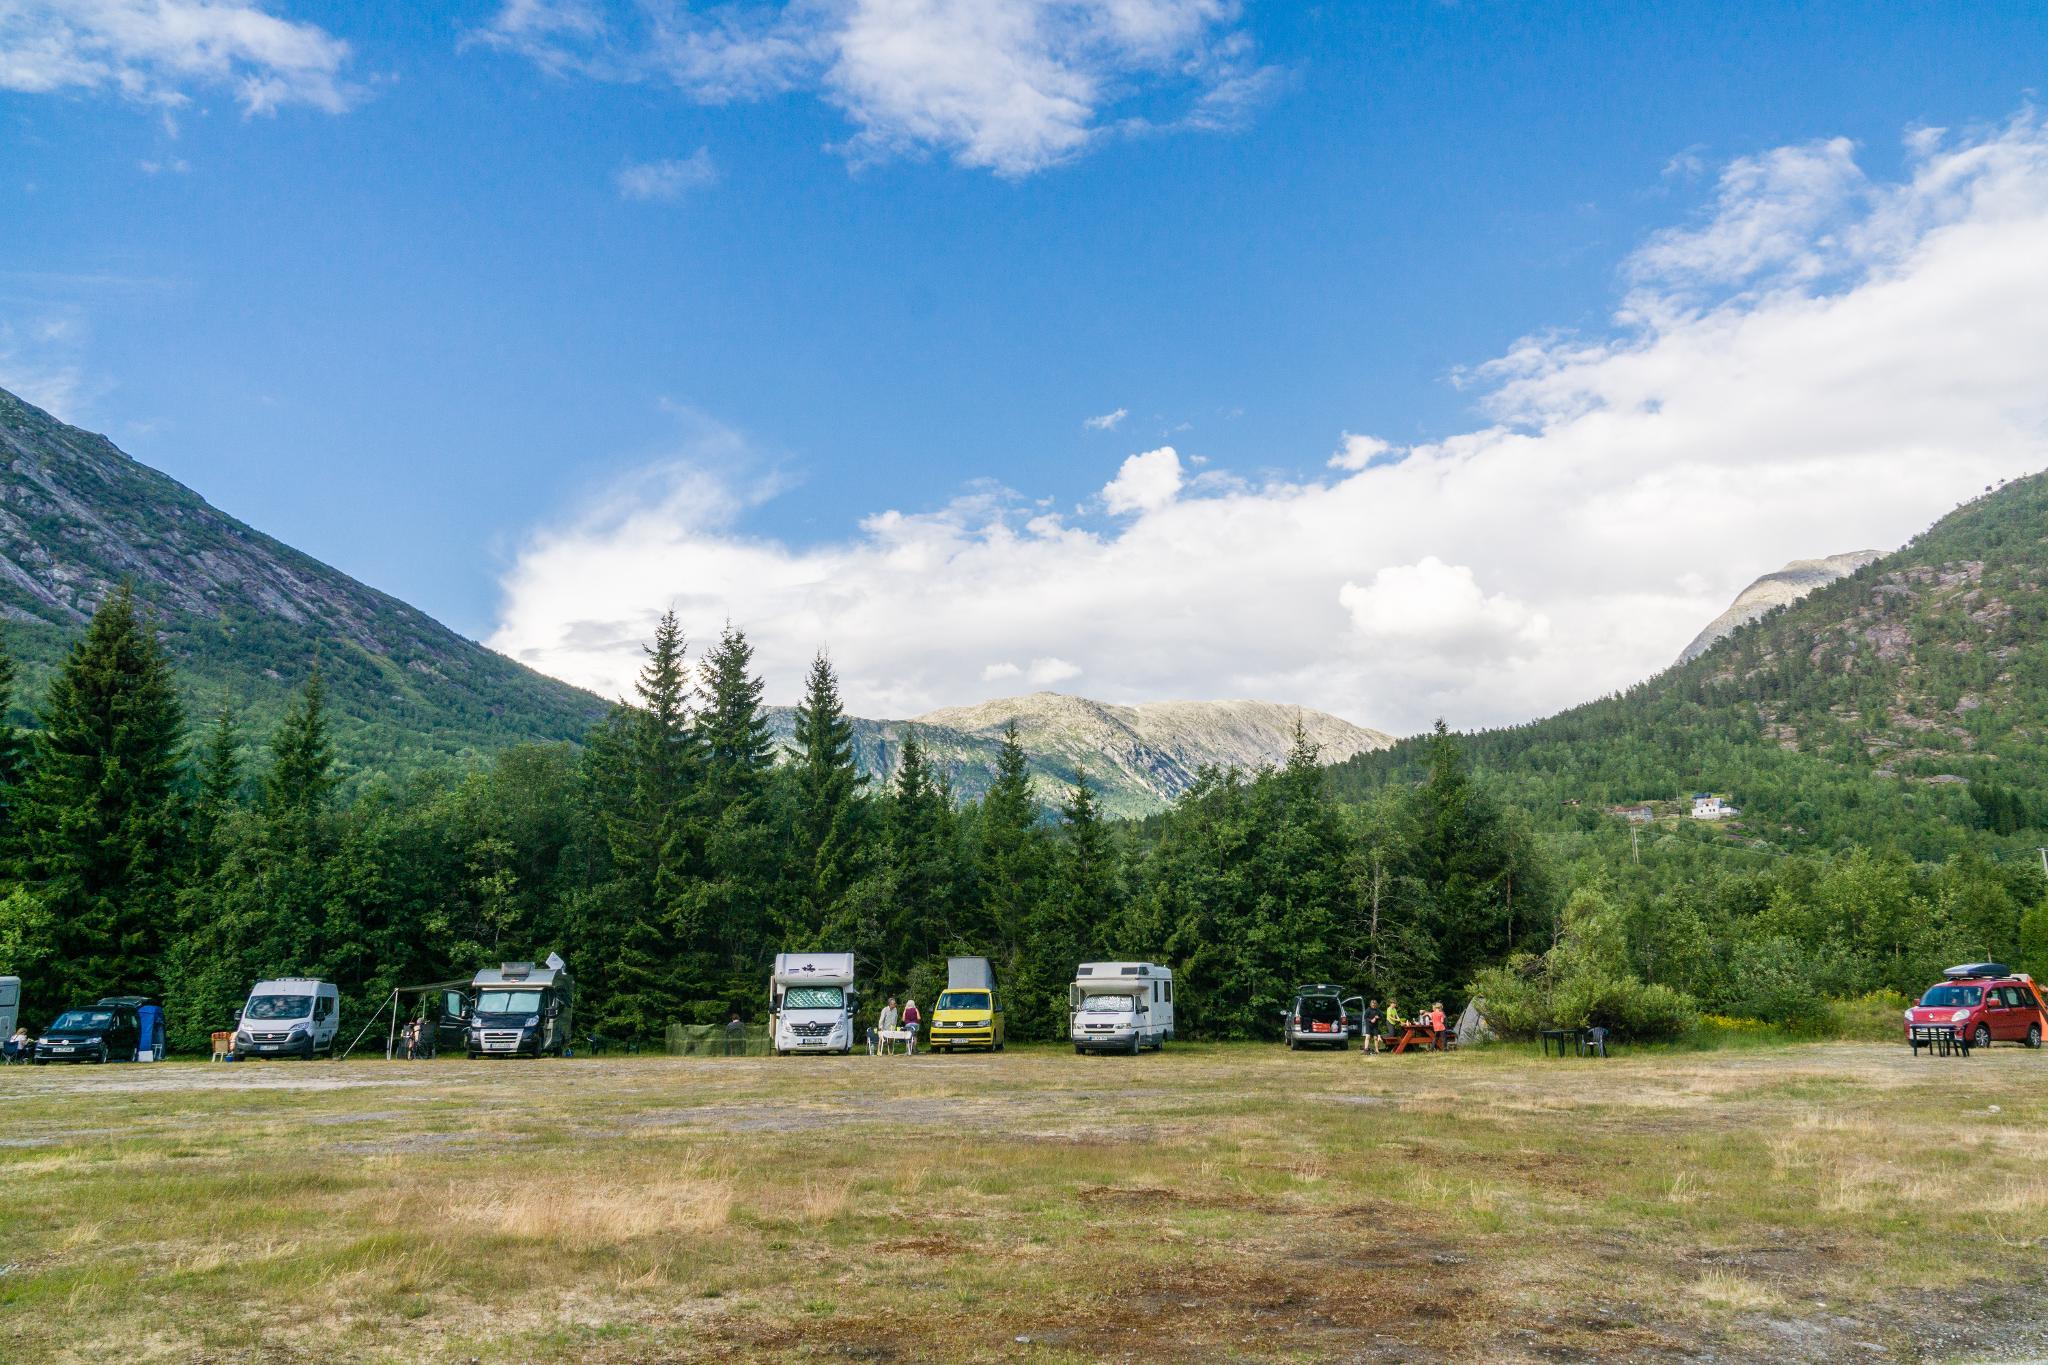 【北歐露營】挪威冰河健行露營地 - Nigardsbreen Camping 5